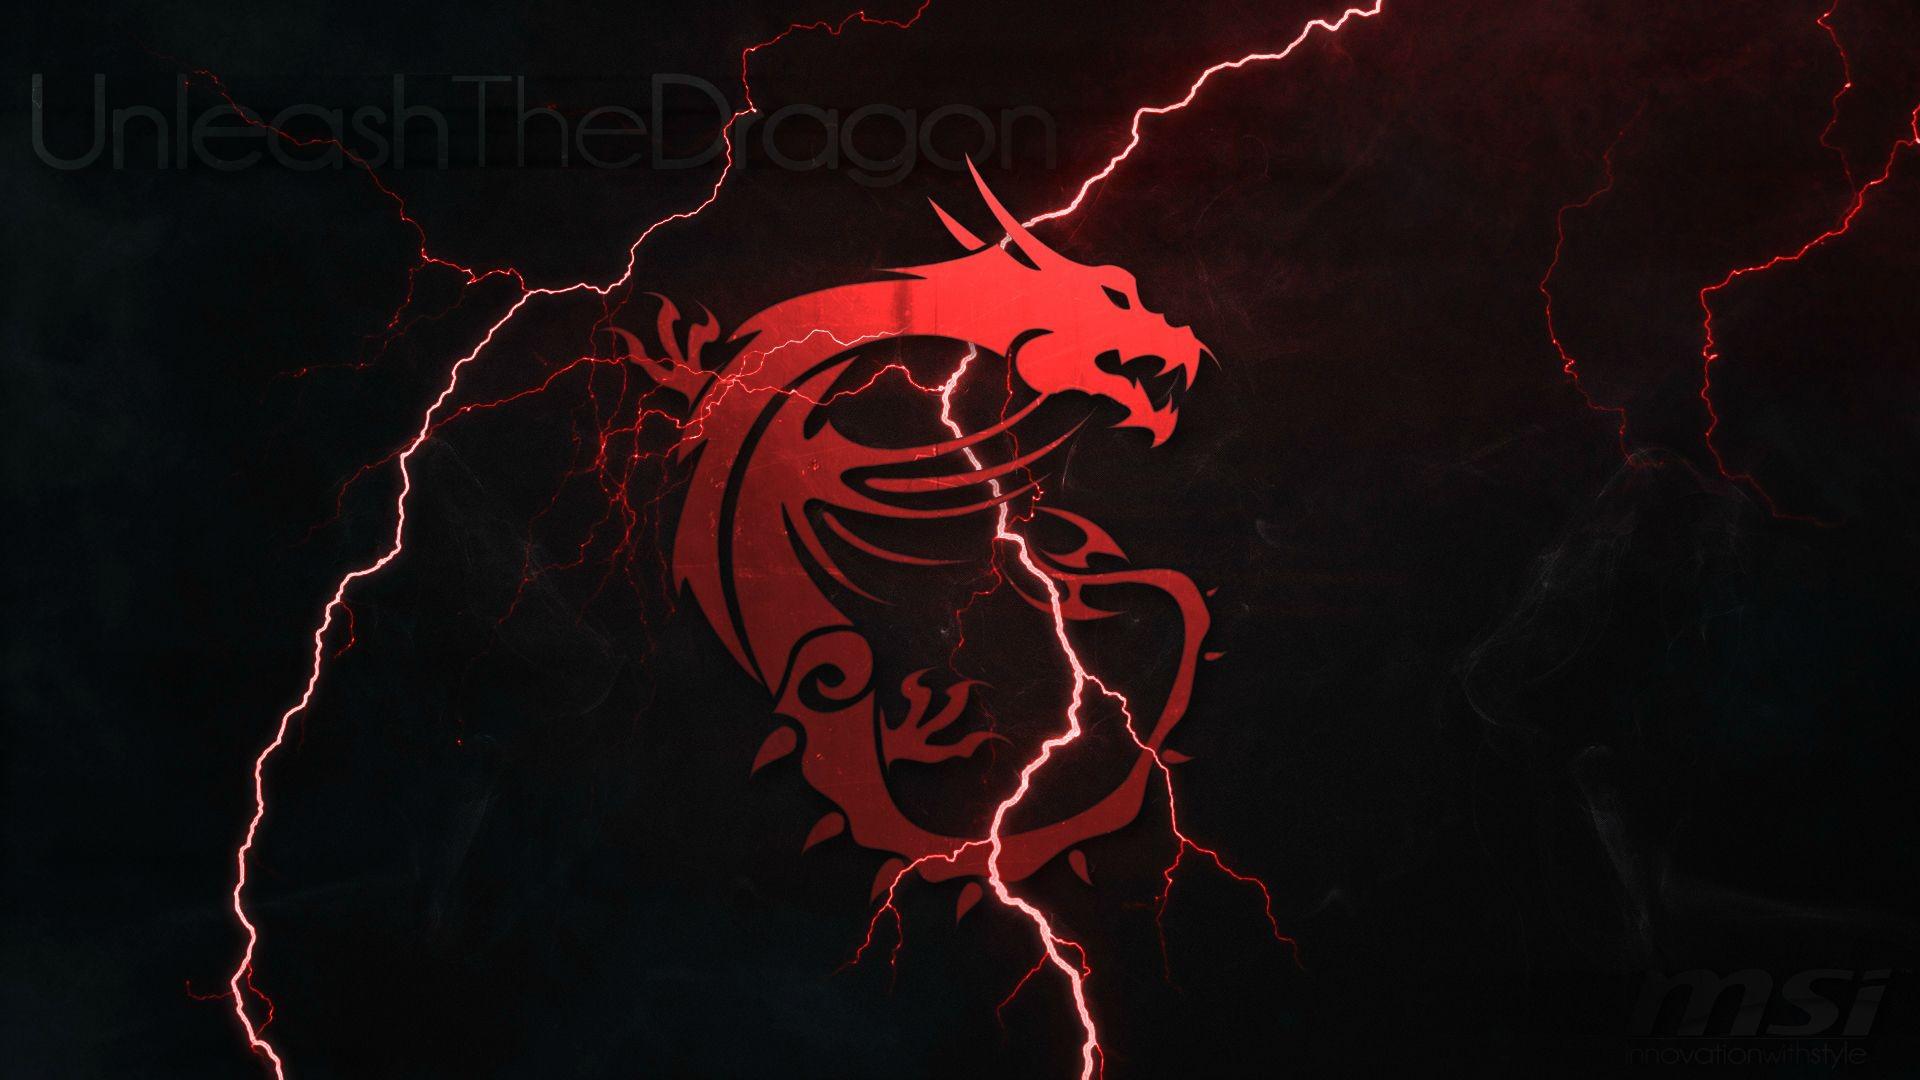 Dragon Wallpaper HD 1080p - WallpaperSafari